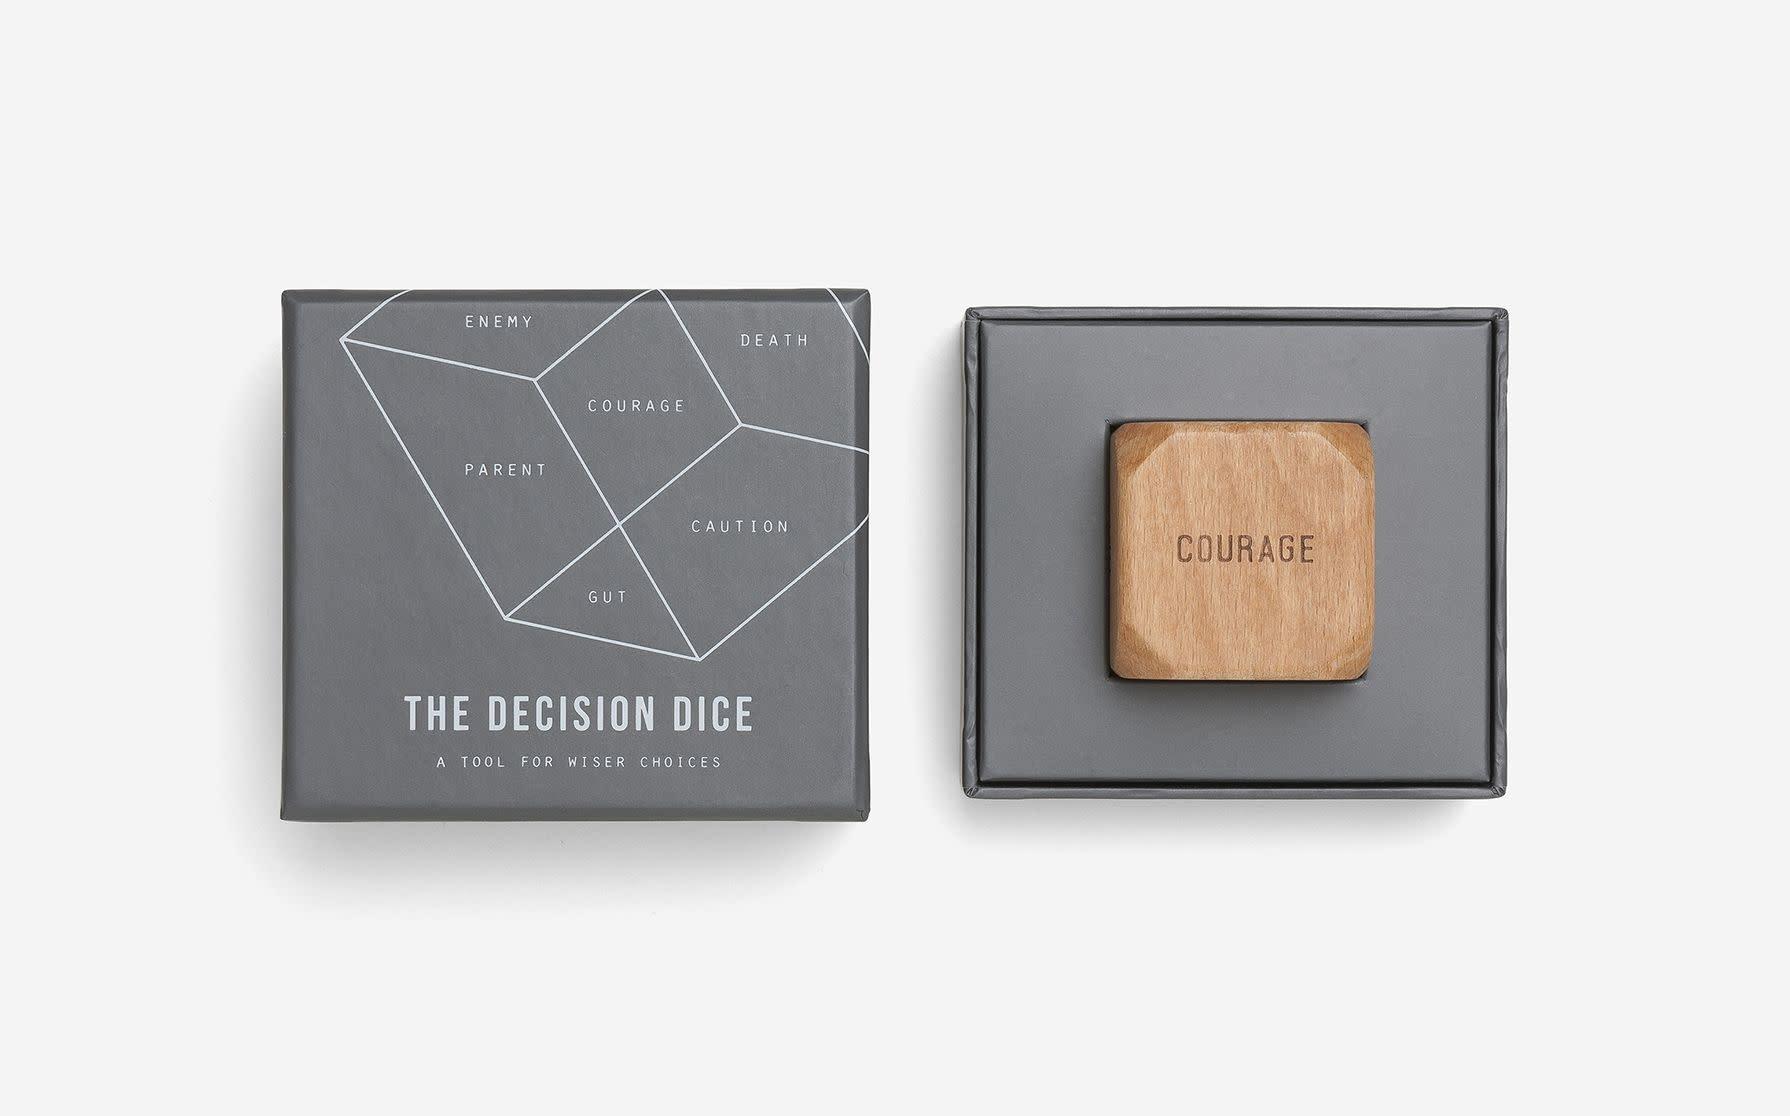 Dice Game - Decision Dice